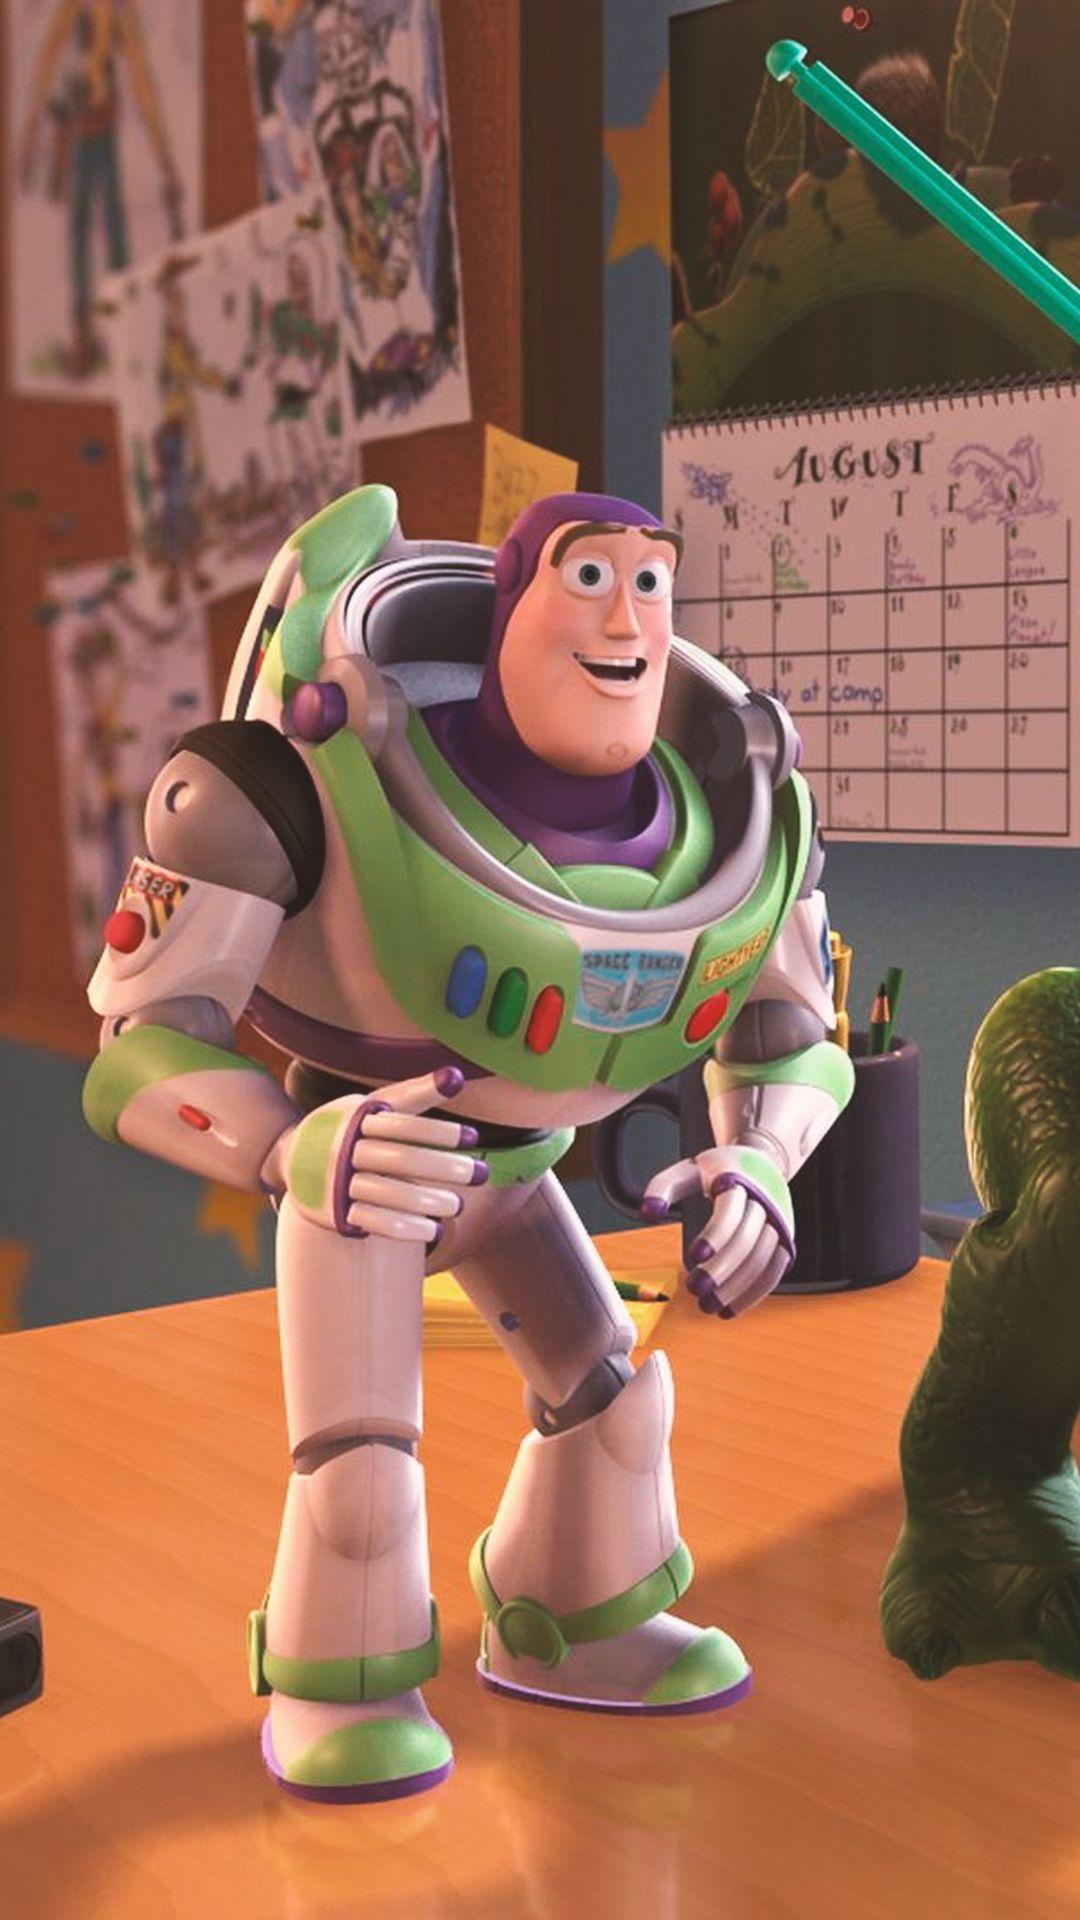 Wallpapers Lockscreen Pixar Disney Papel De Parede Toy Story Buzz Woody Rex Dinossaur Animasi Latar Belakang